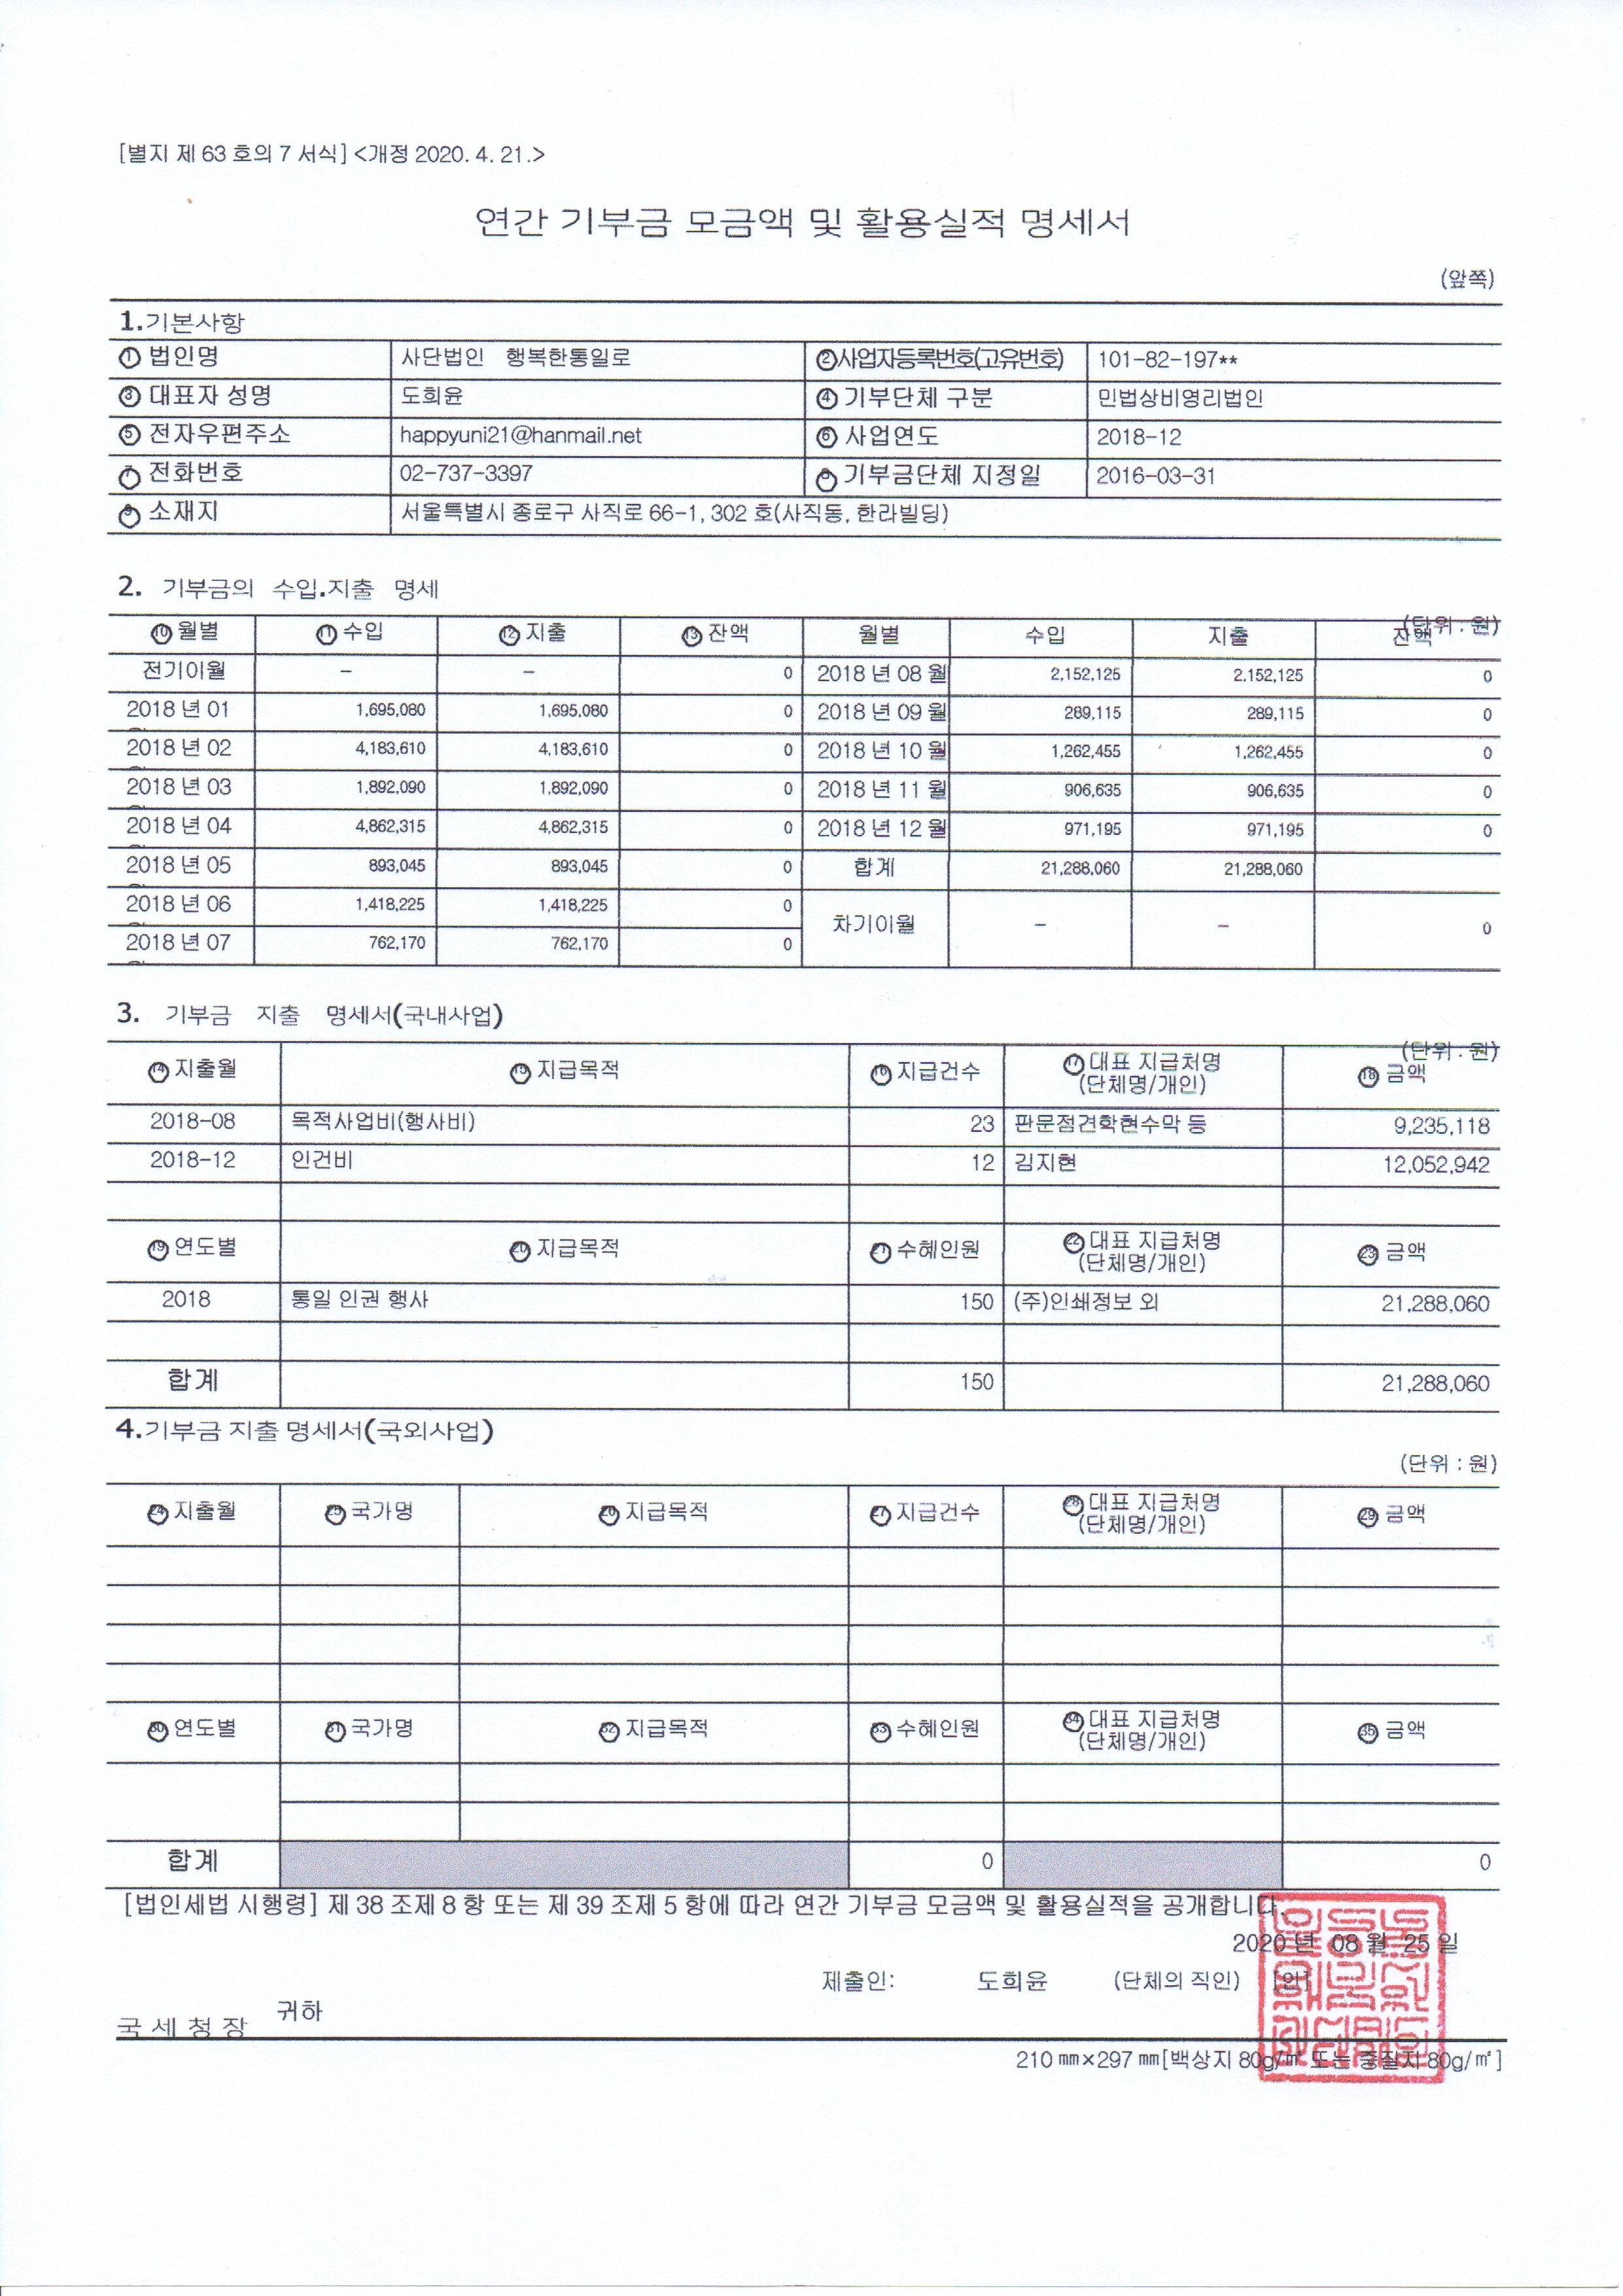 2018년 연간기부금모금액_활용실적명세서.jpg